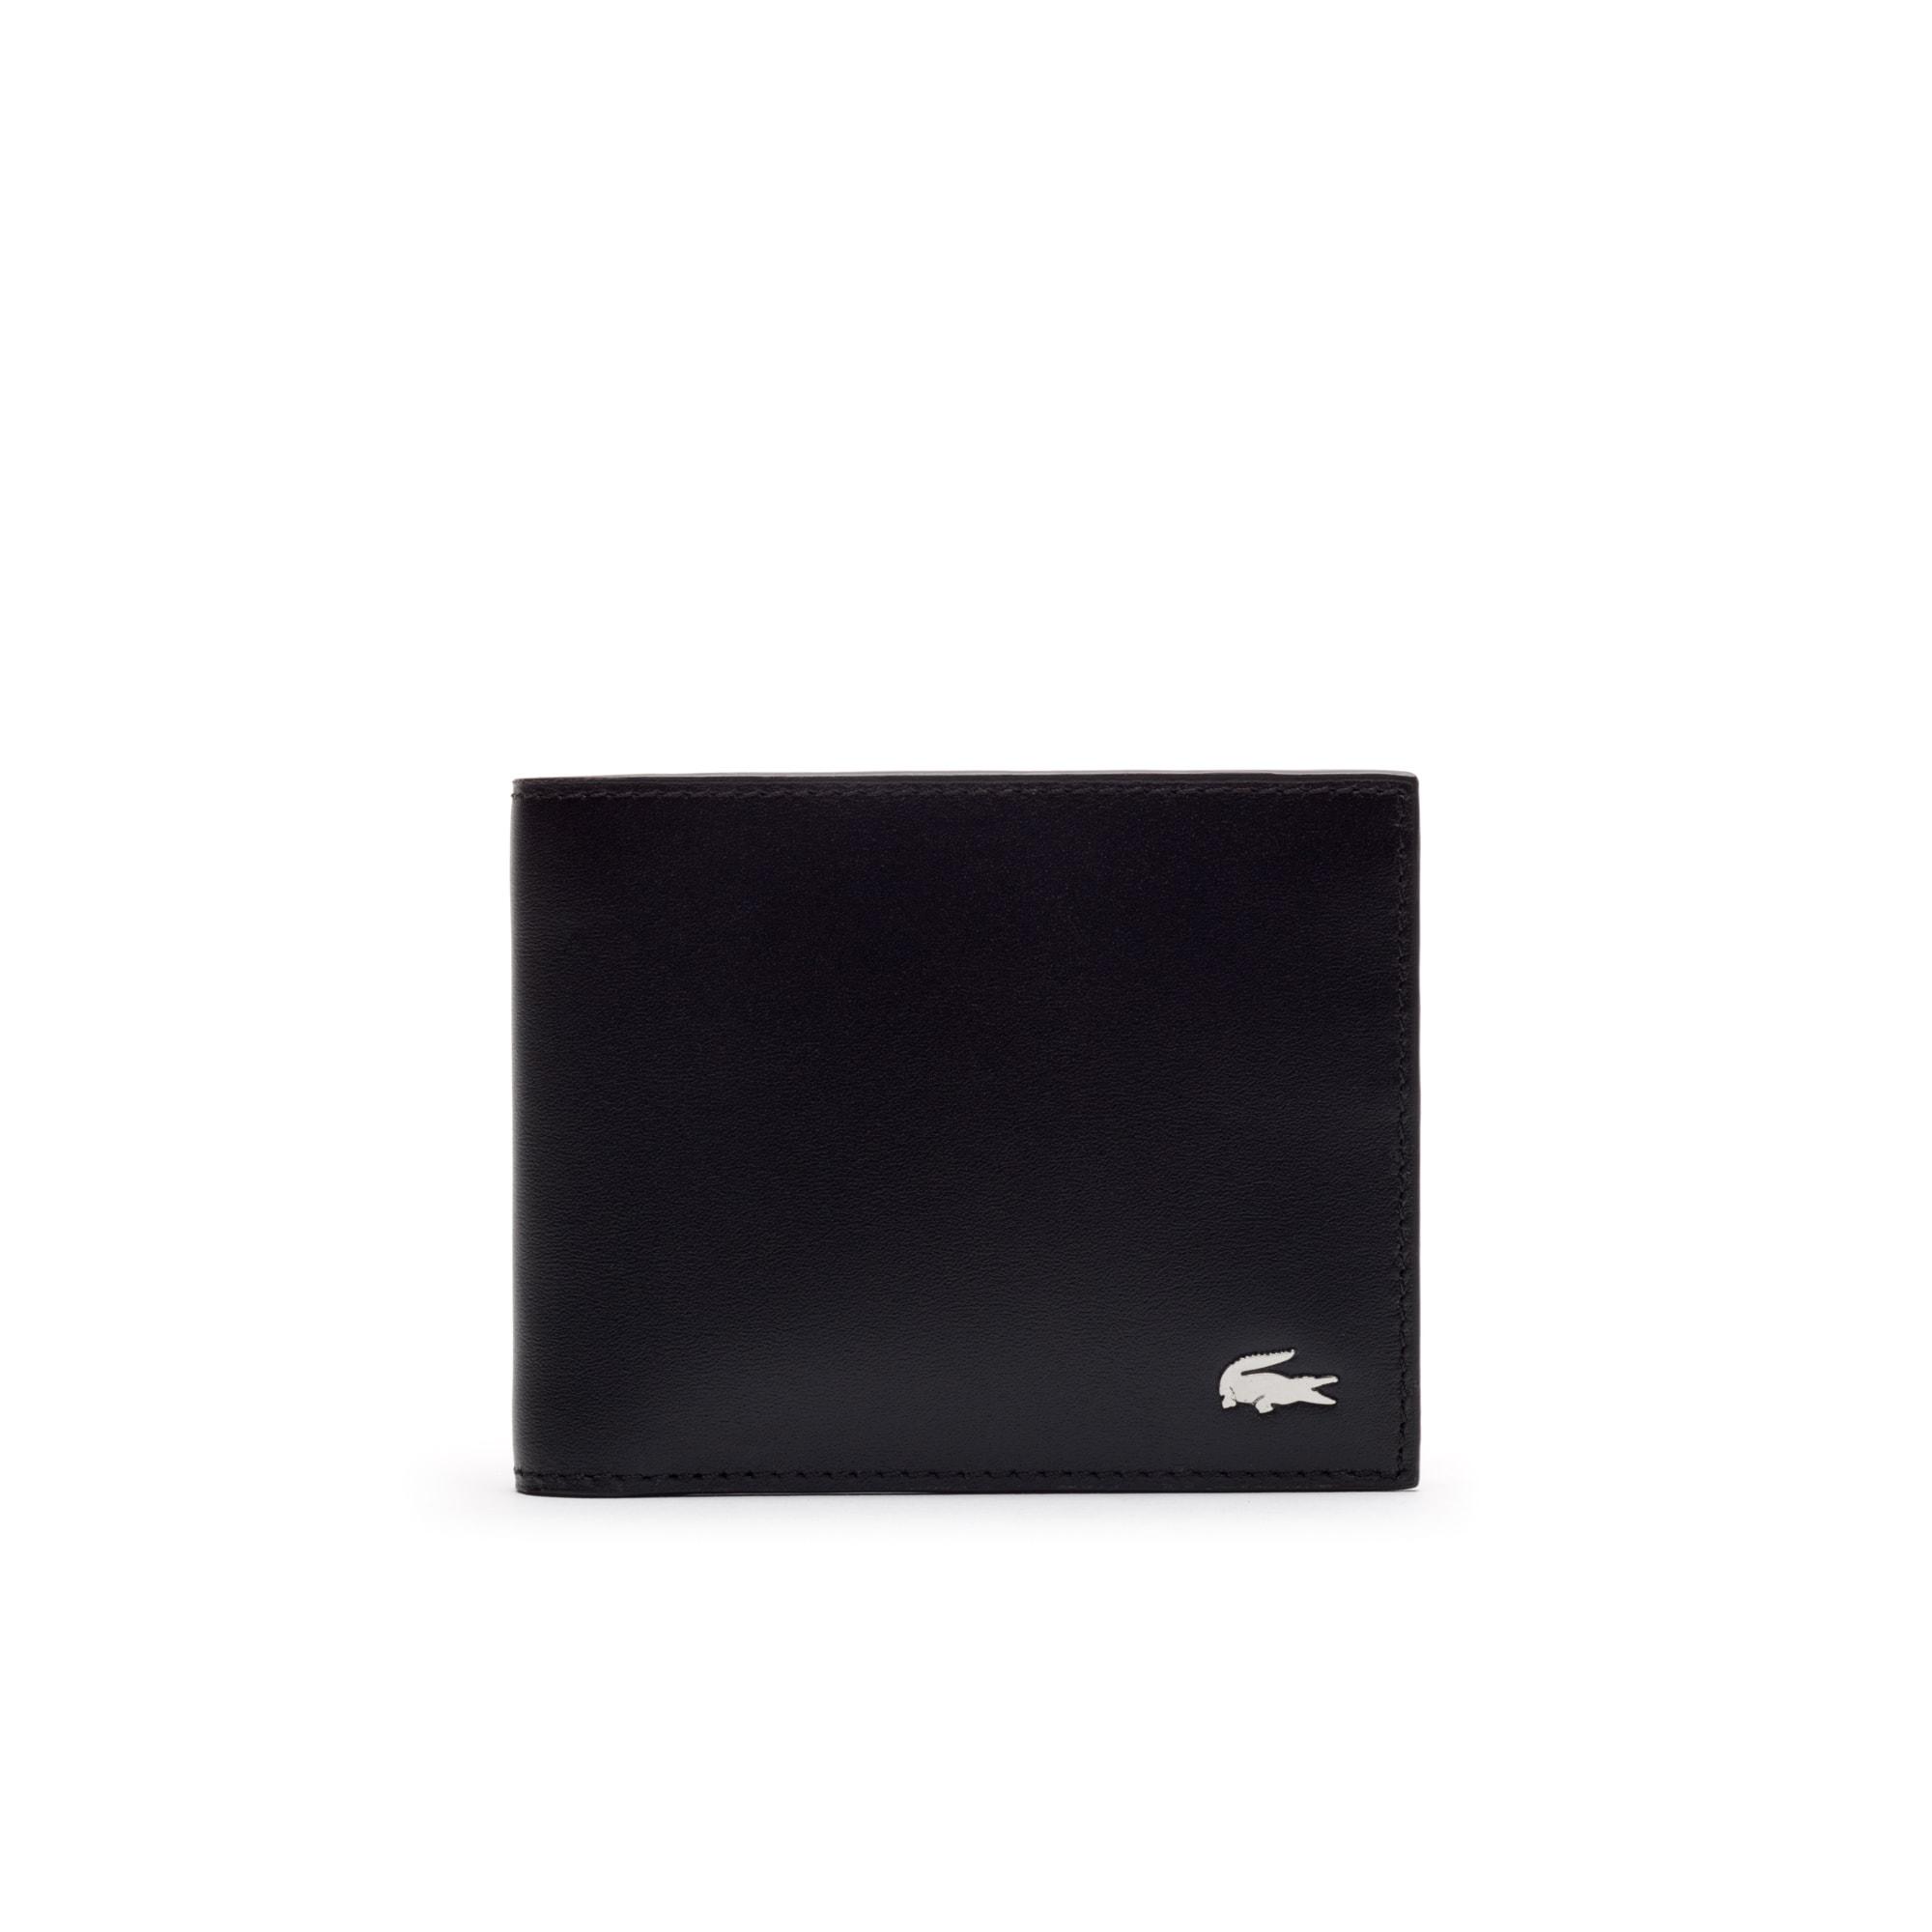 Coffret portefeuille et porte-clefs FG en cuir 6 cartes